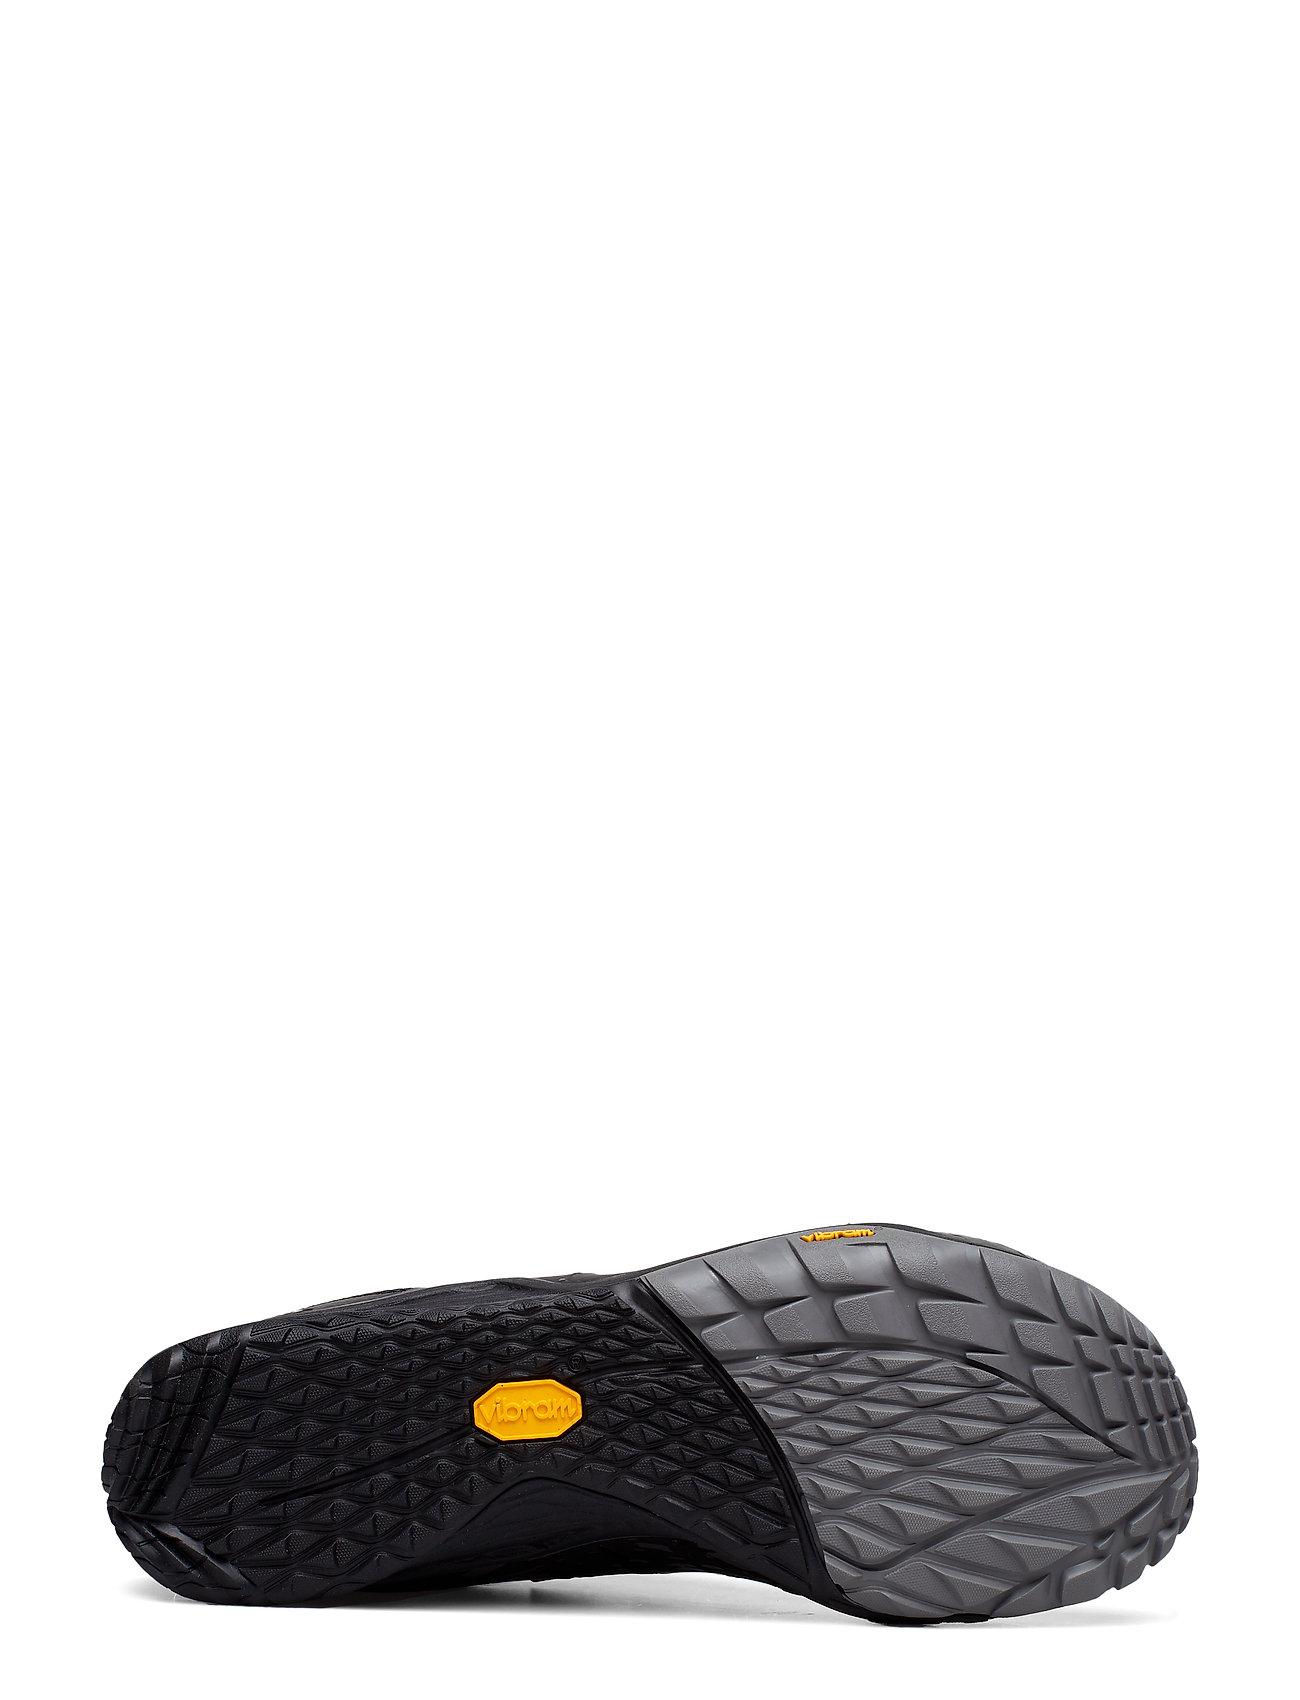 Trail Glove 5 Black (Black) (600 kr) - Merrell